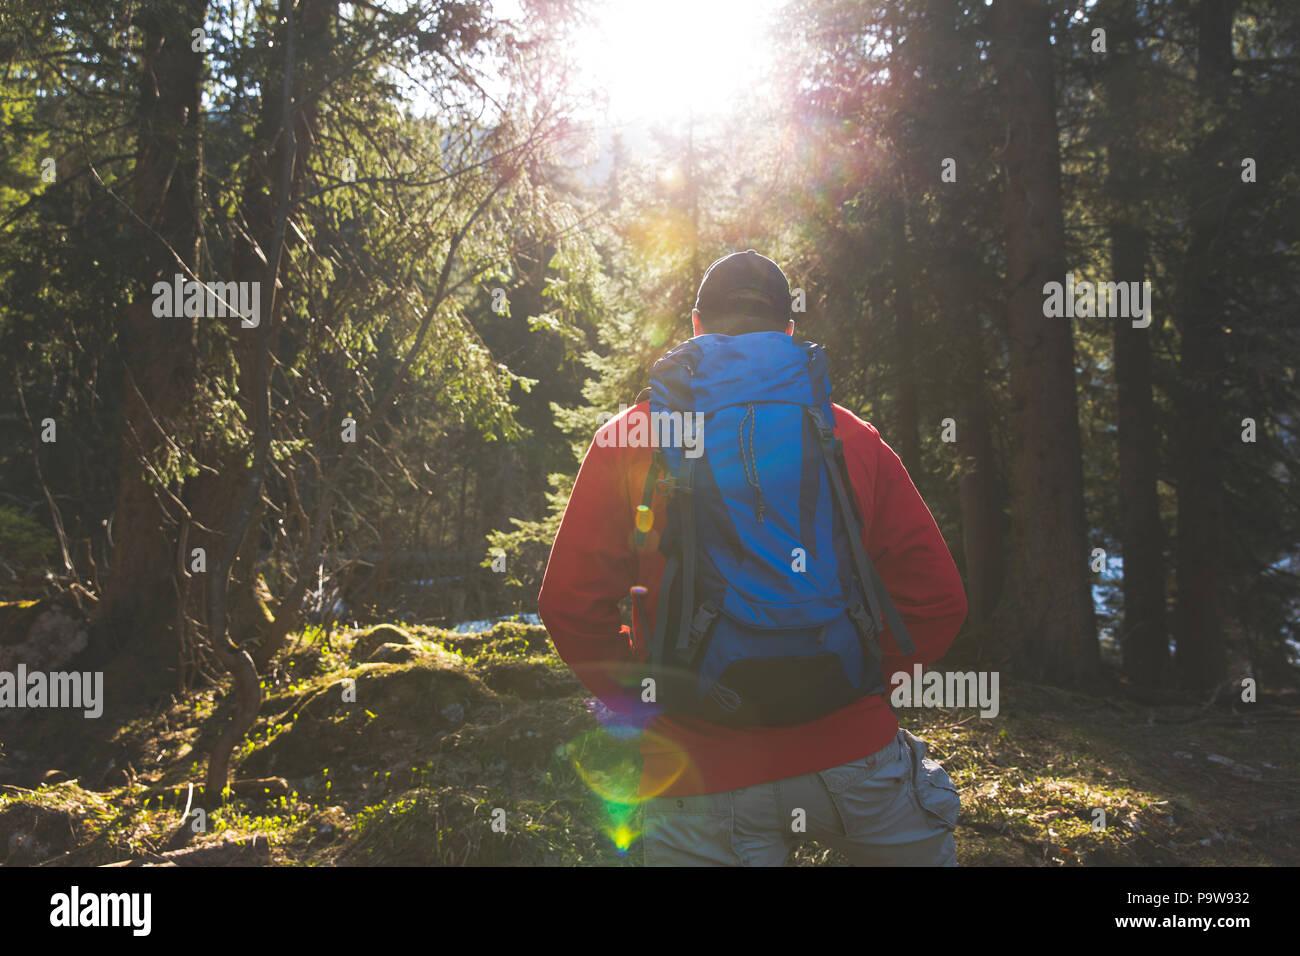 Senderismo hombre con mochila azul y rojo suéter en el bosque Imagen De Stock